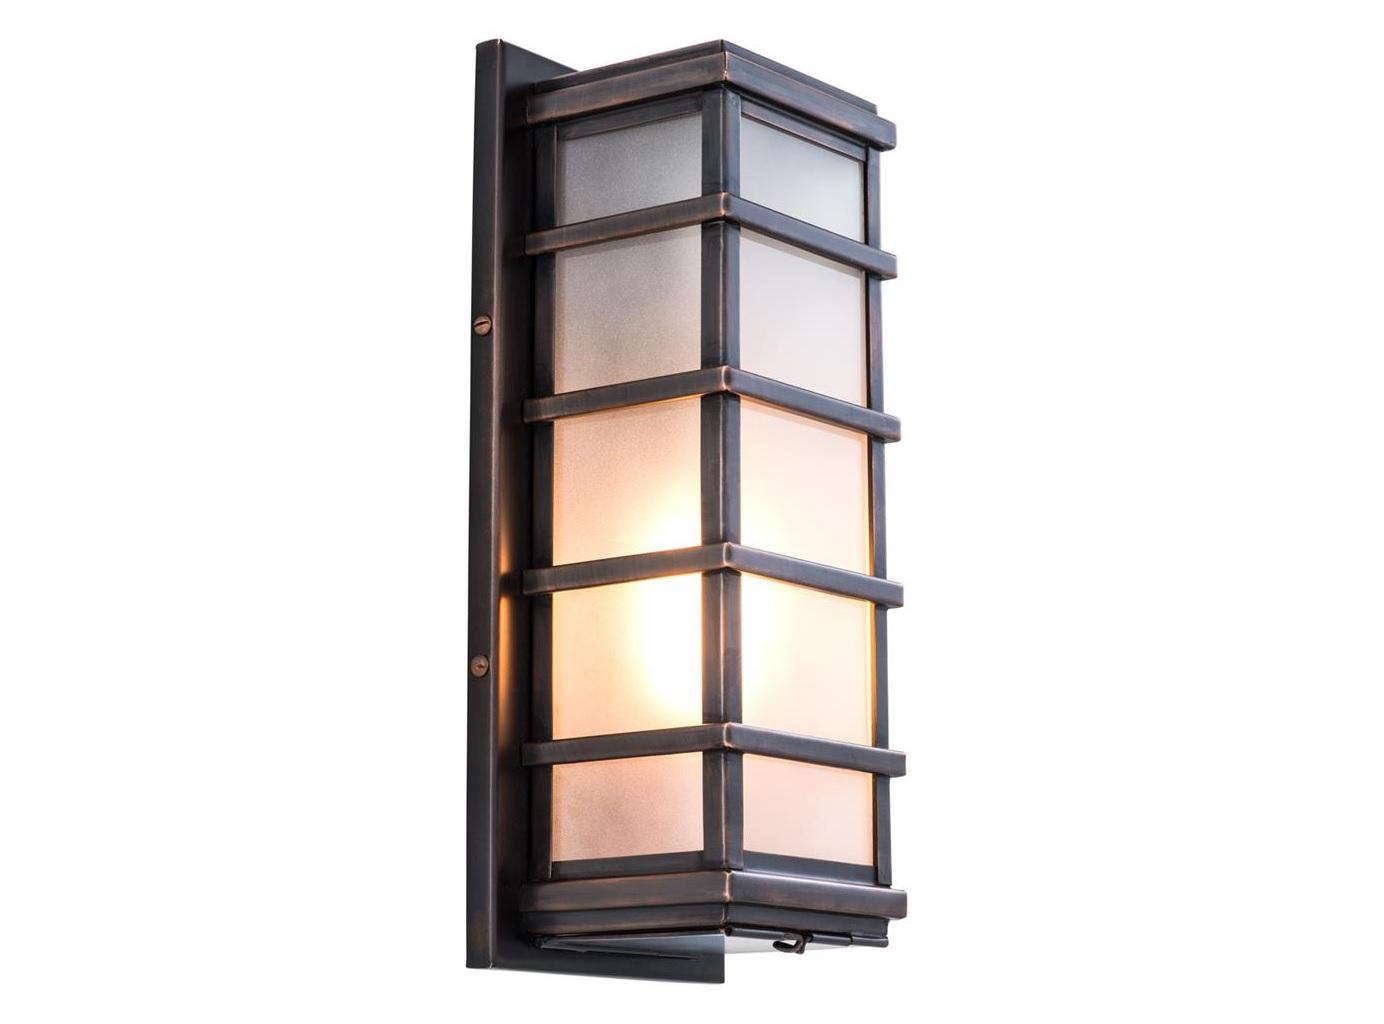 Настенный светильник WelbyБра<br>&amp;lt;div&amp;gt;Вид цоколя: E14&amp;lt;br&amp;gt;&amp;lt;/div&amp;gt;&amp;lt;div&amp;gt;&amp;lt;div&amp;gt;Мощность: 40W&amp;lt;/div&amp;gt;&amp;lt;div&amp;gt;Количество ламп: 1 (нет в комплекте)&amp;lt;/div&amp;gt;&amp;lt;/div&amp;gt;<br><br>Material: Металл<br>Ширина см: 12.0<br>Высота см: 29.0<br>Глубина см: 9.0